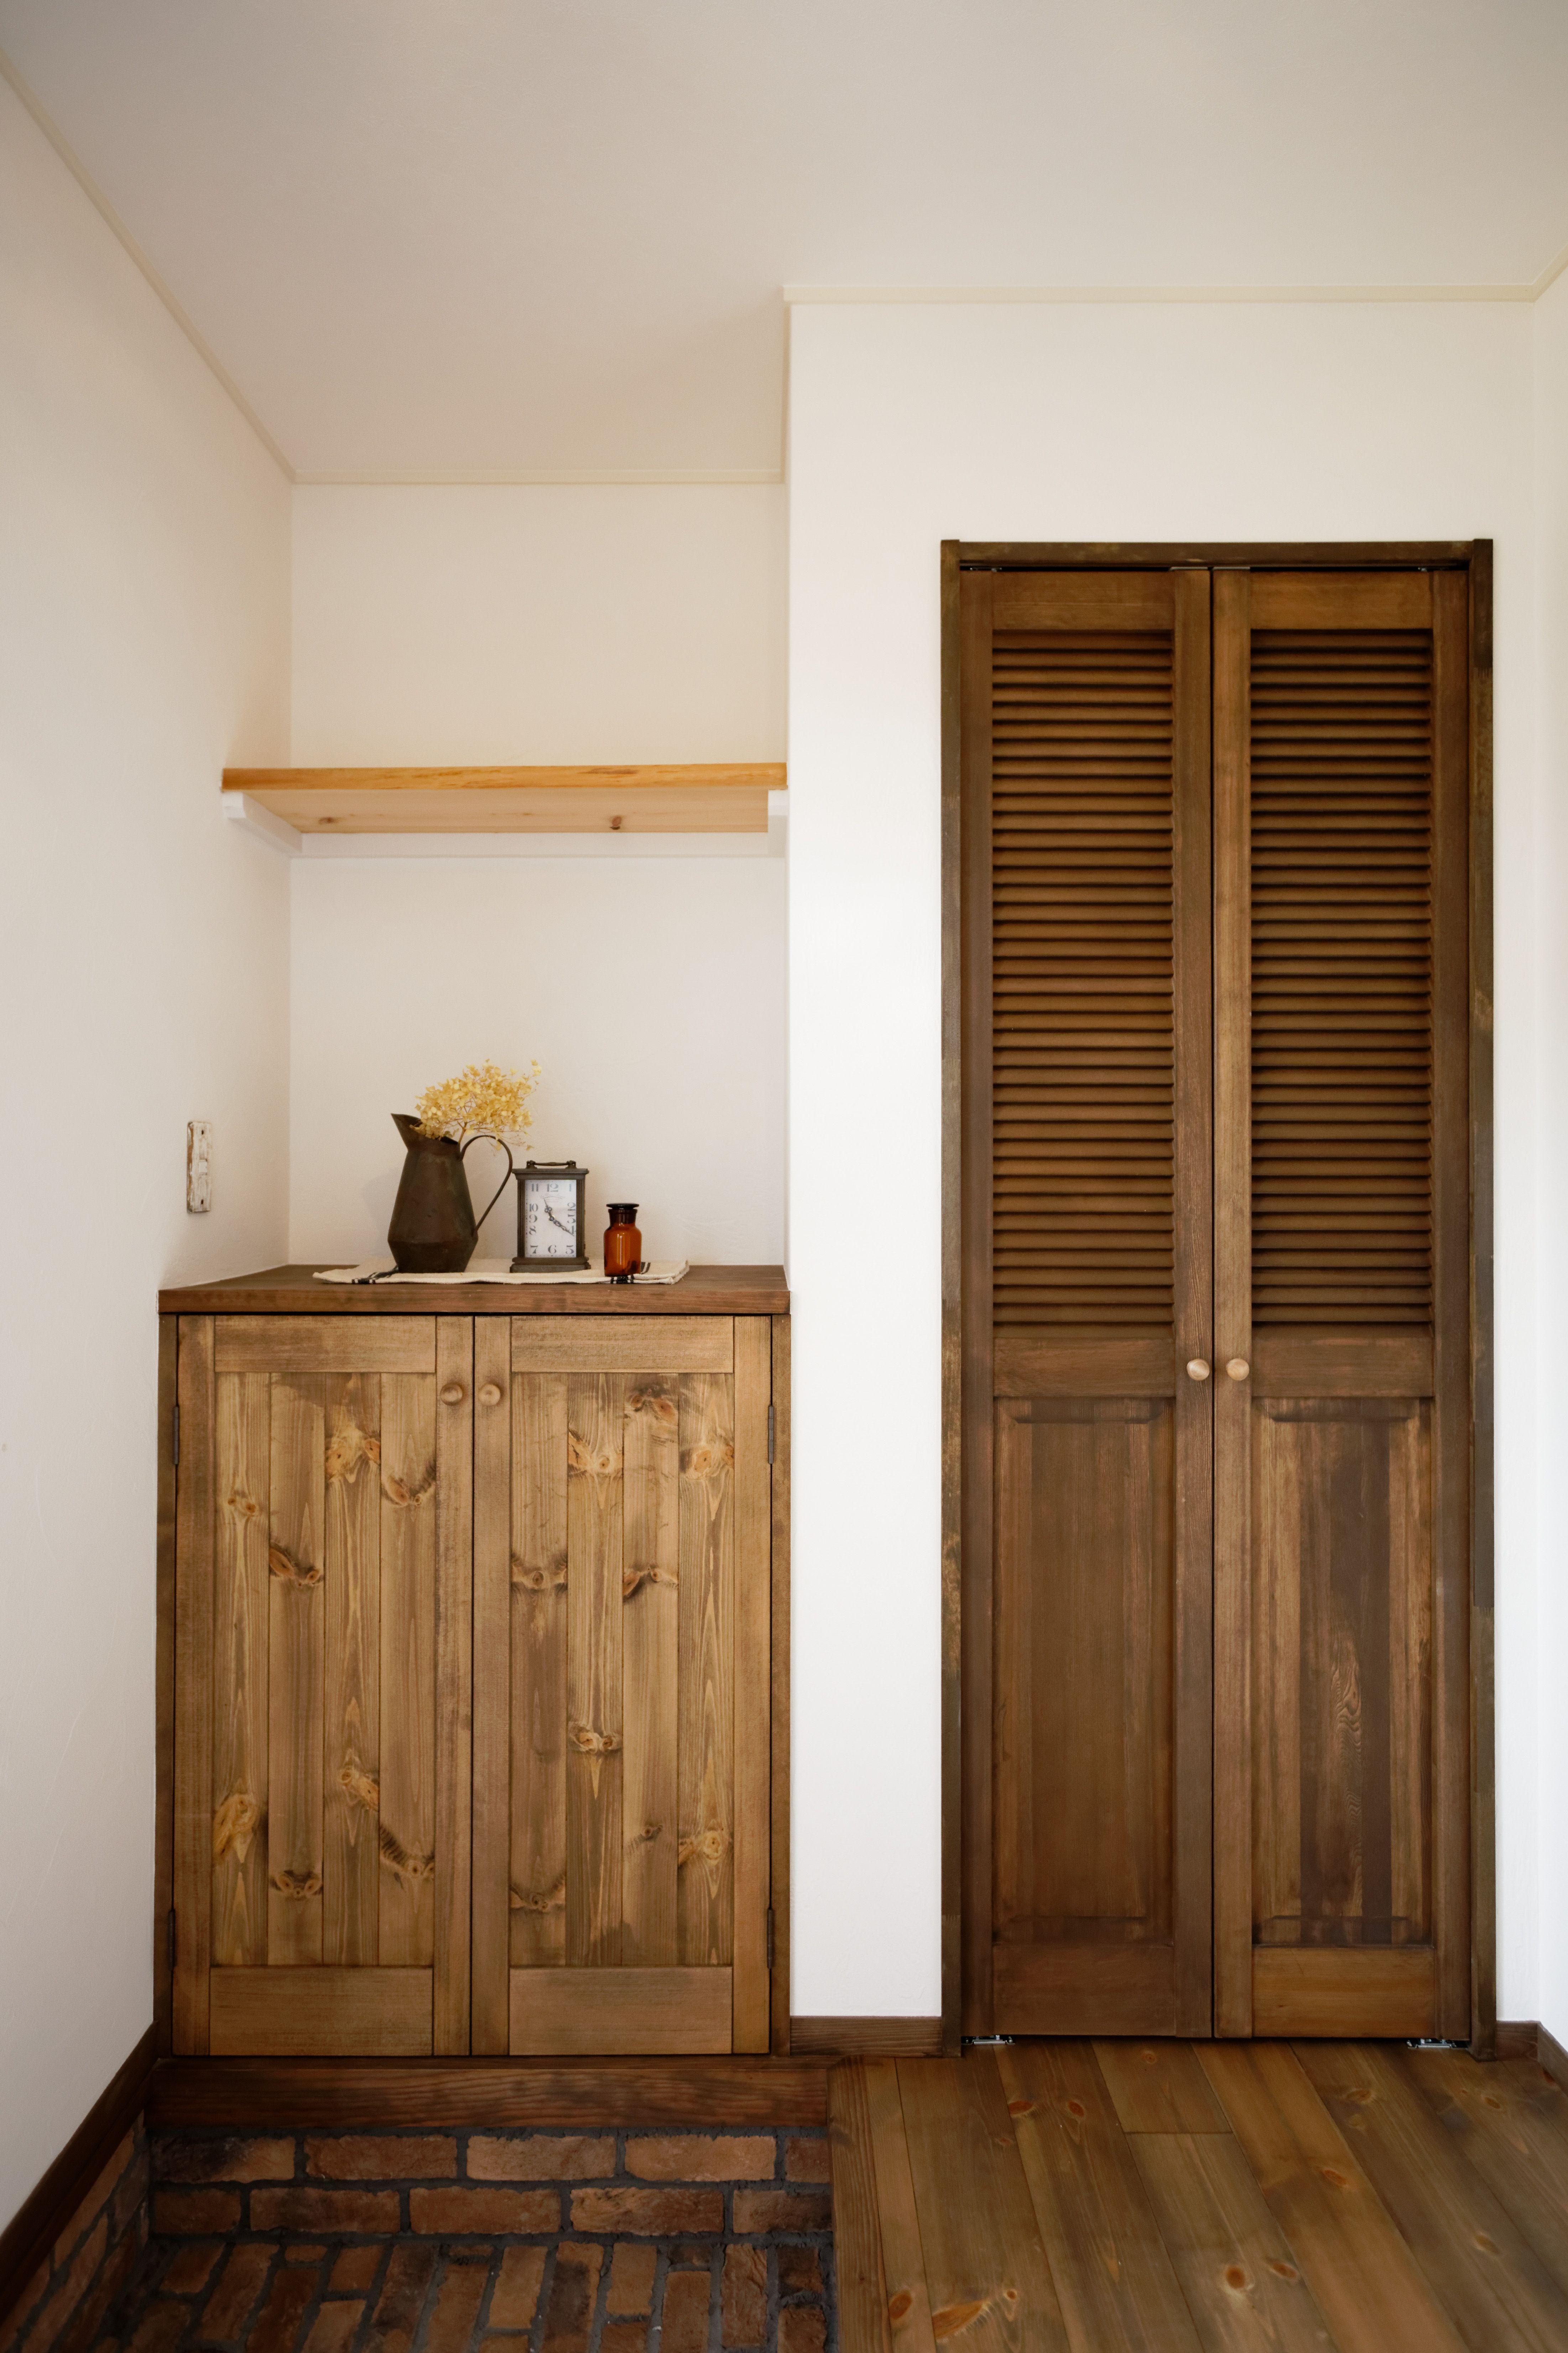 yさん家の玄関。 左→靴箱 右→コート掛け 靴箱の上は、雑貨の